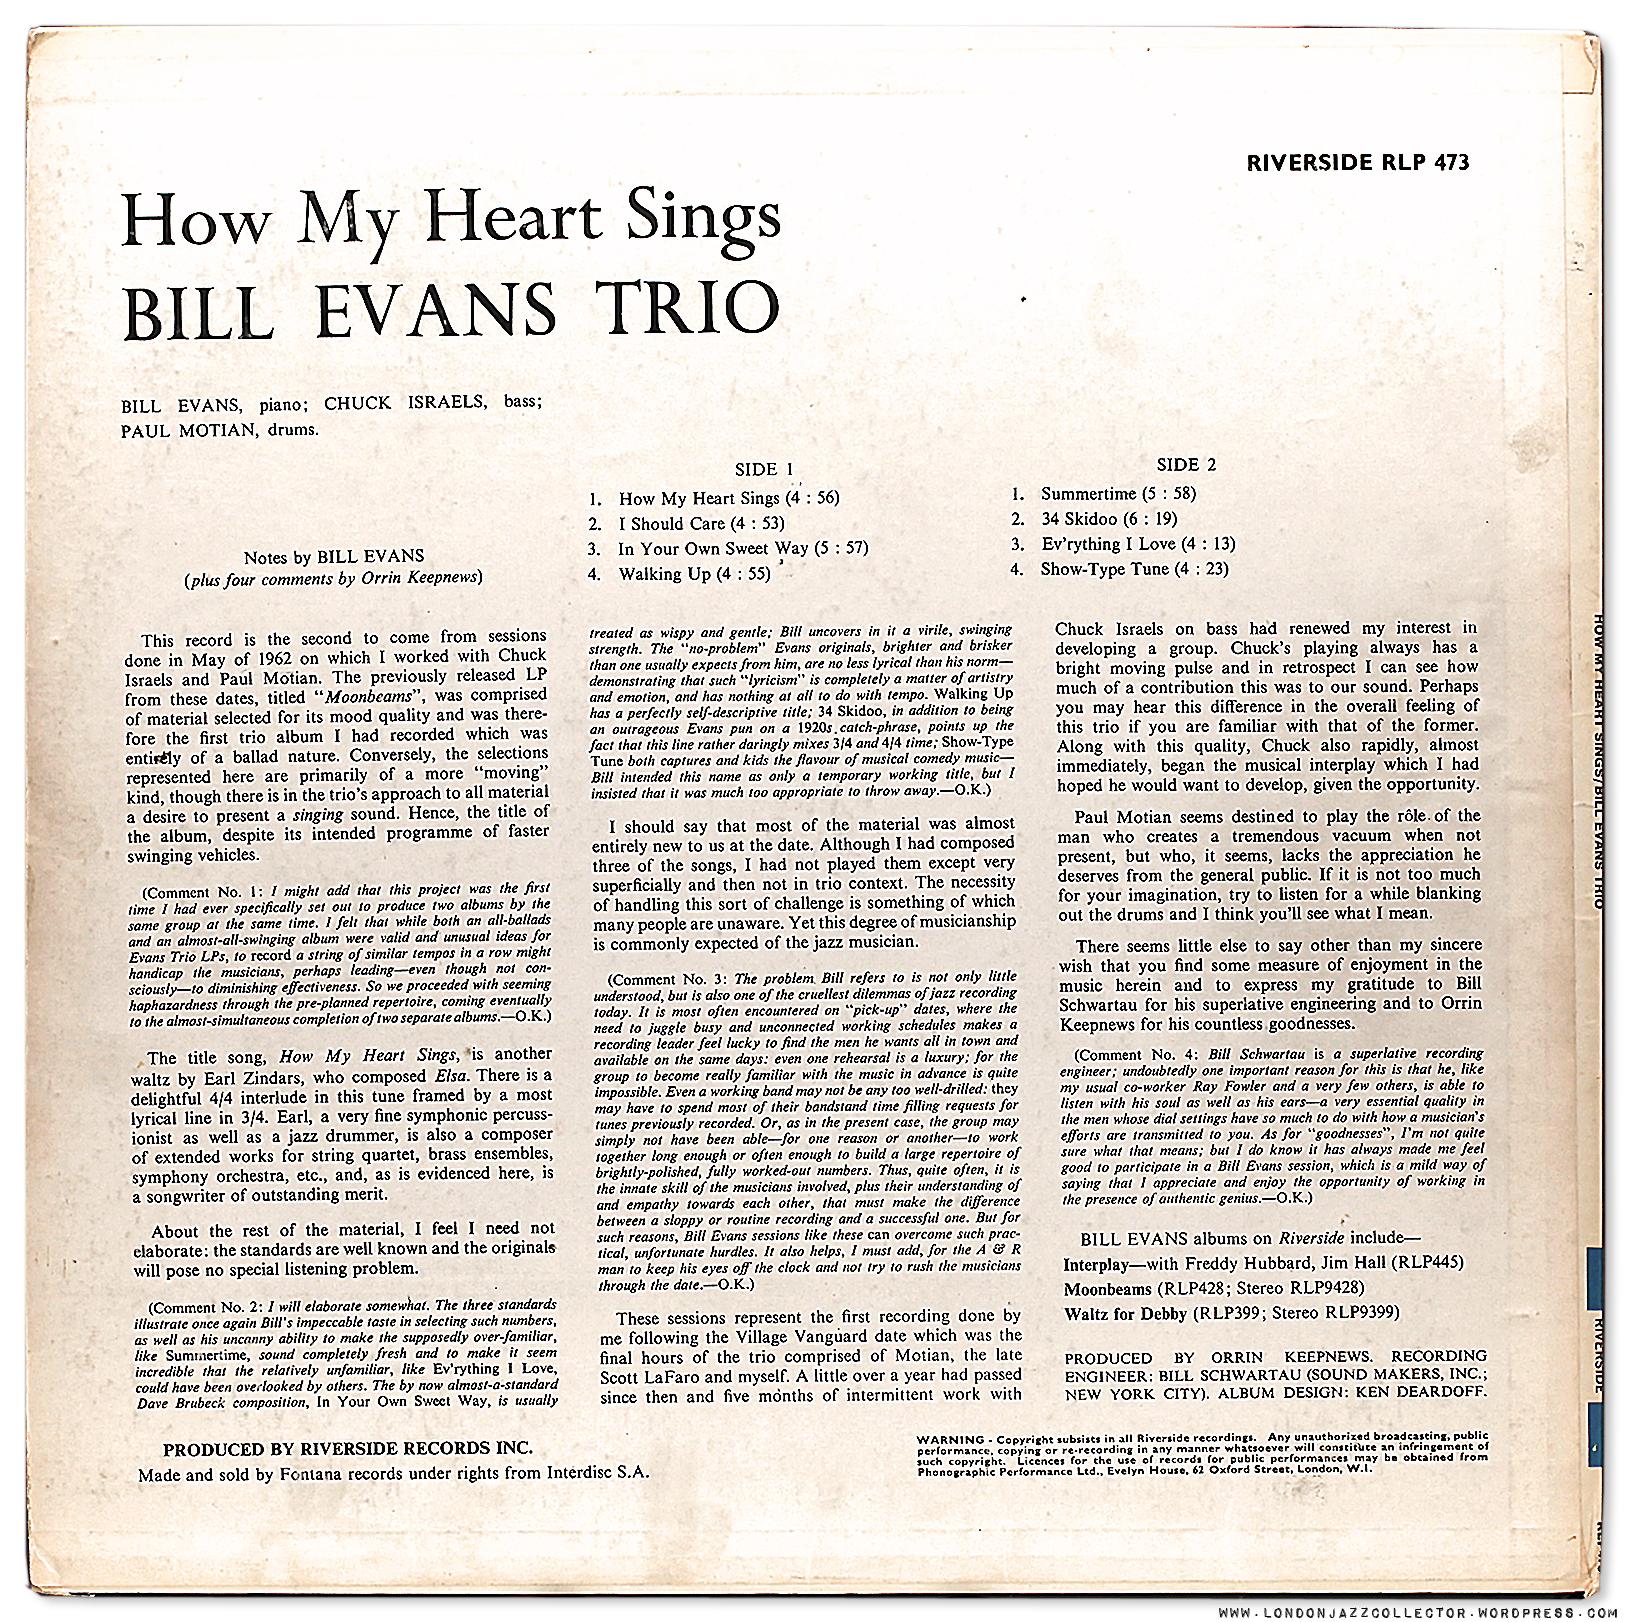 Bill Evans: How My Heart Sings! (1962) Riverside